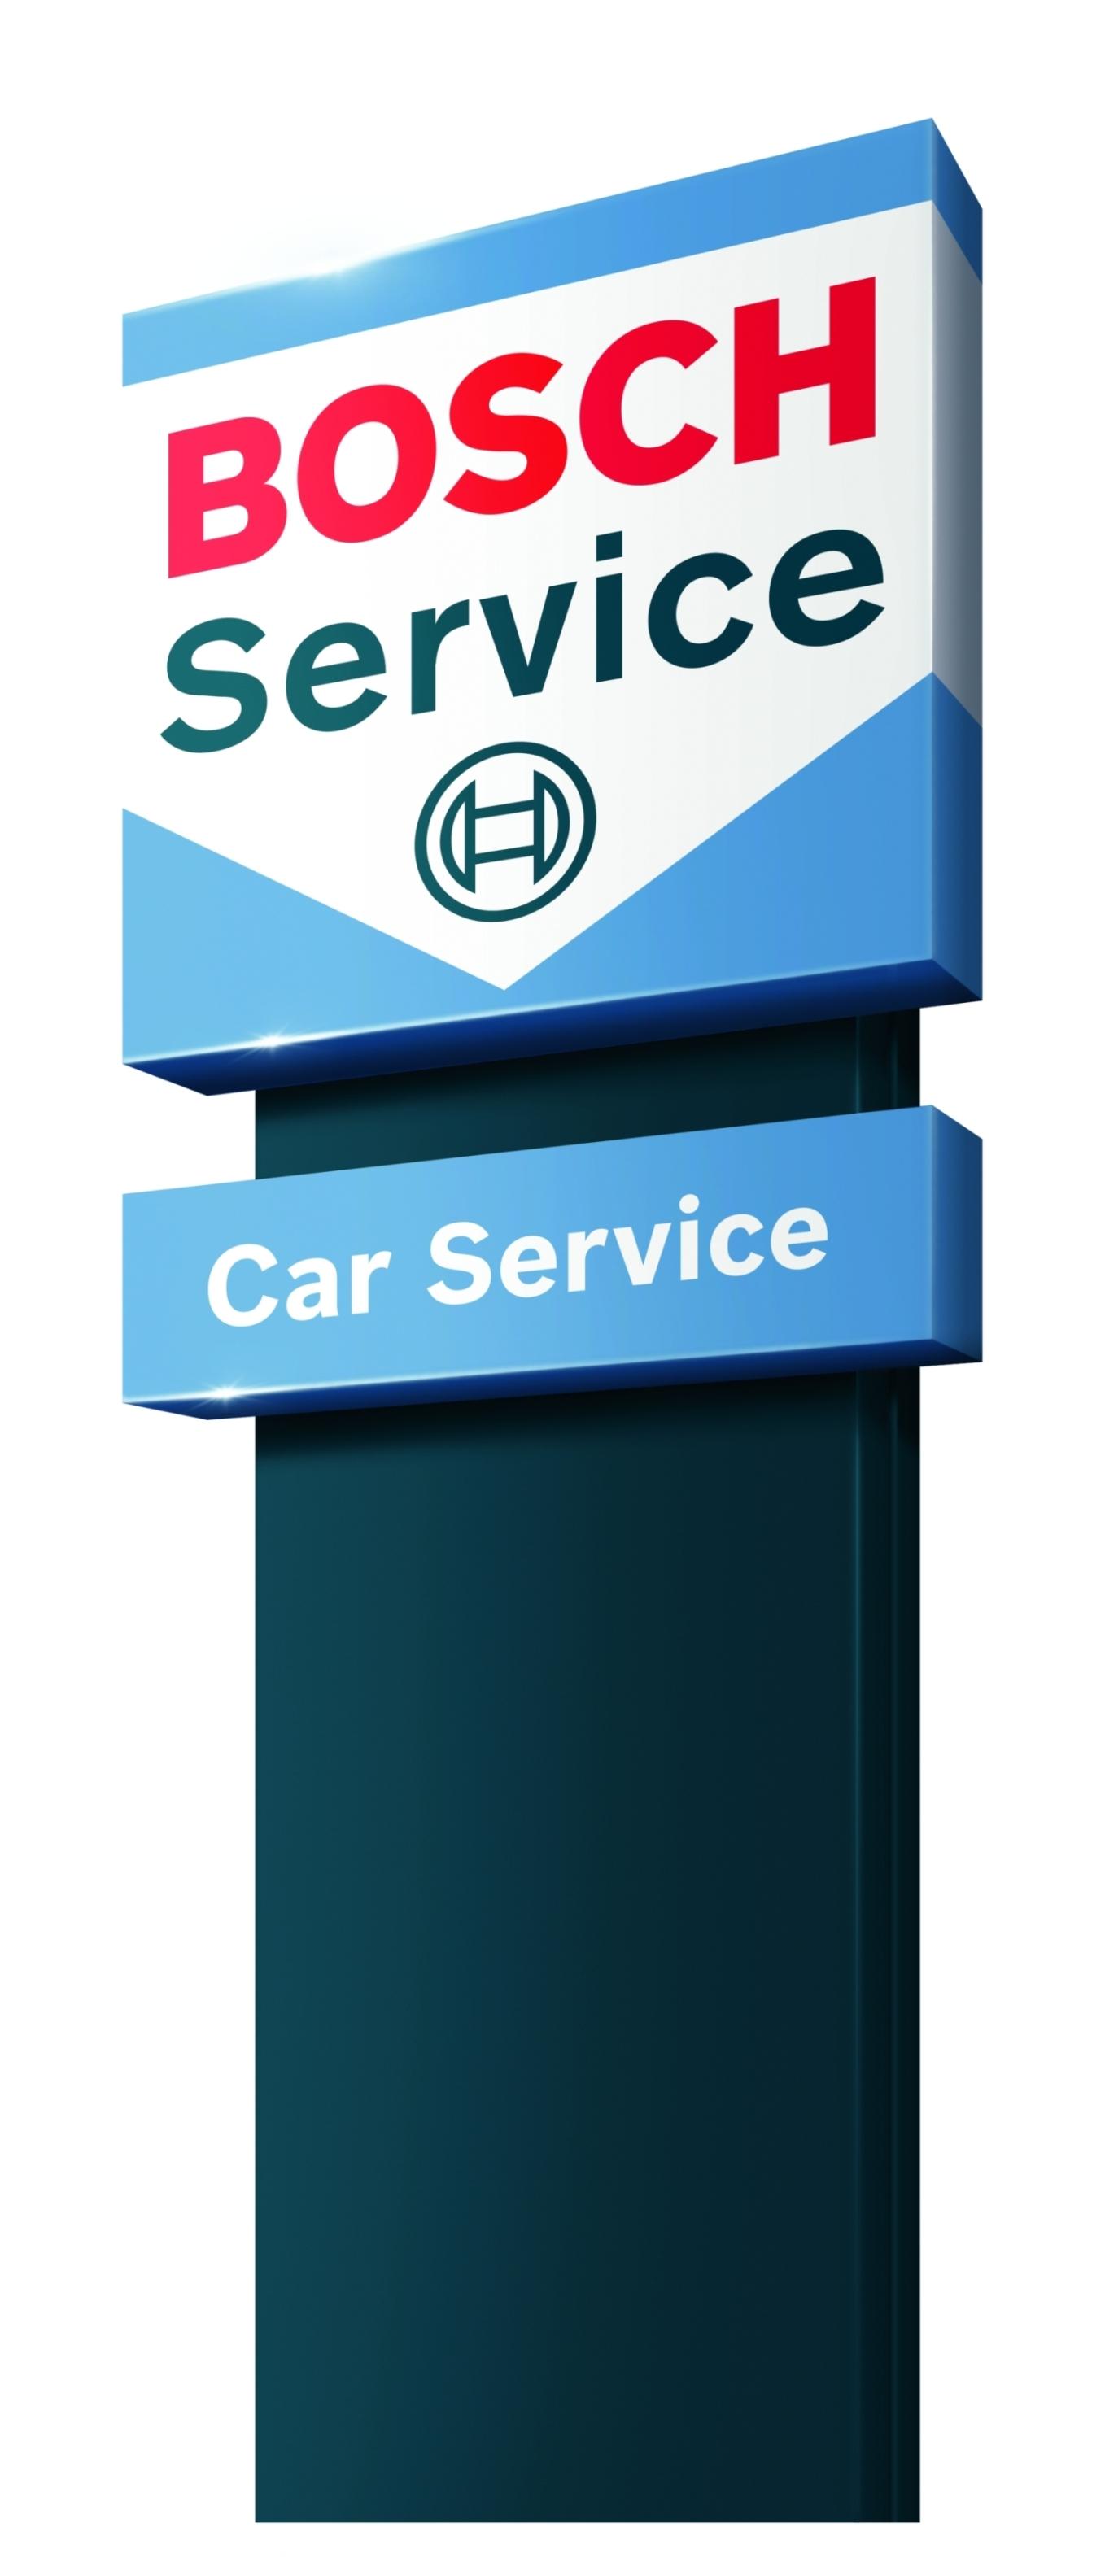 promozione dei bosch car service la primavera alle porte notiziario motoristico. Black Bedroom Furniture Sets. Home Design Ideas